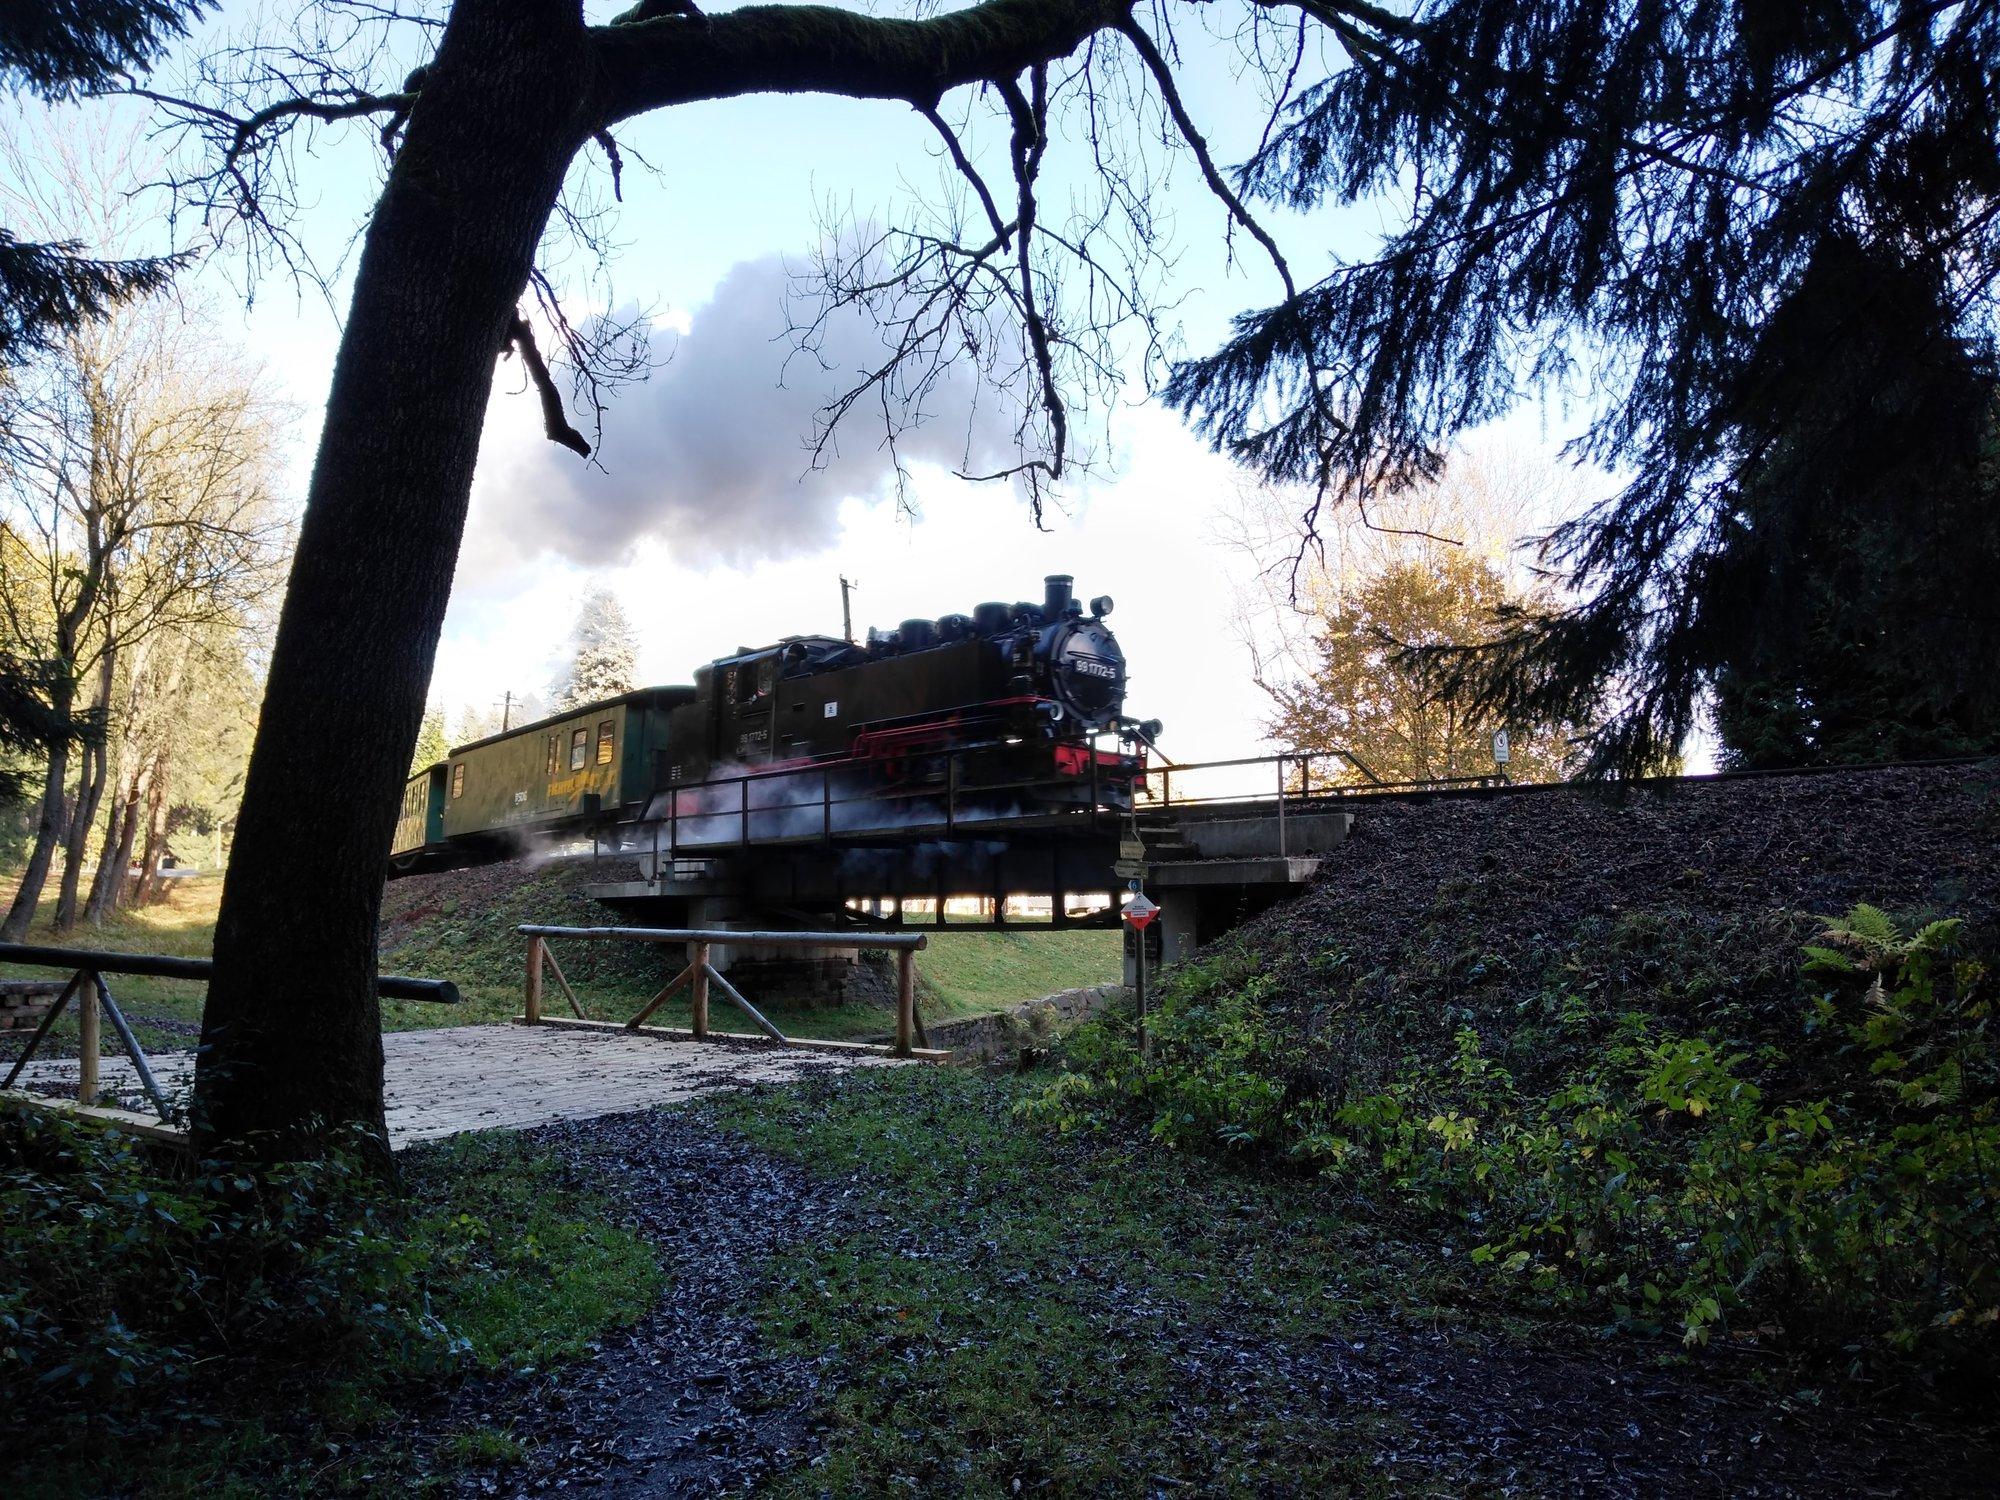 lokomotiva vyjíždějící z Vierenstrasse